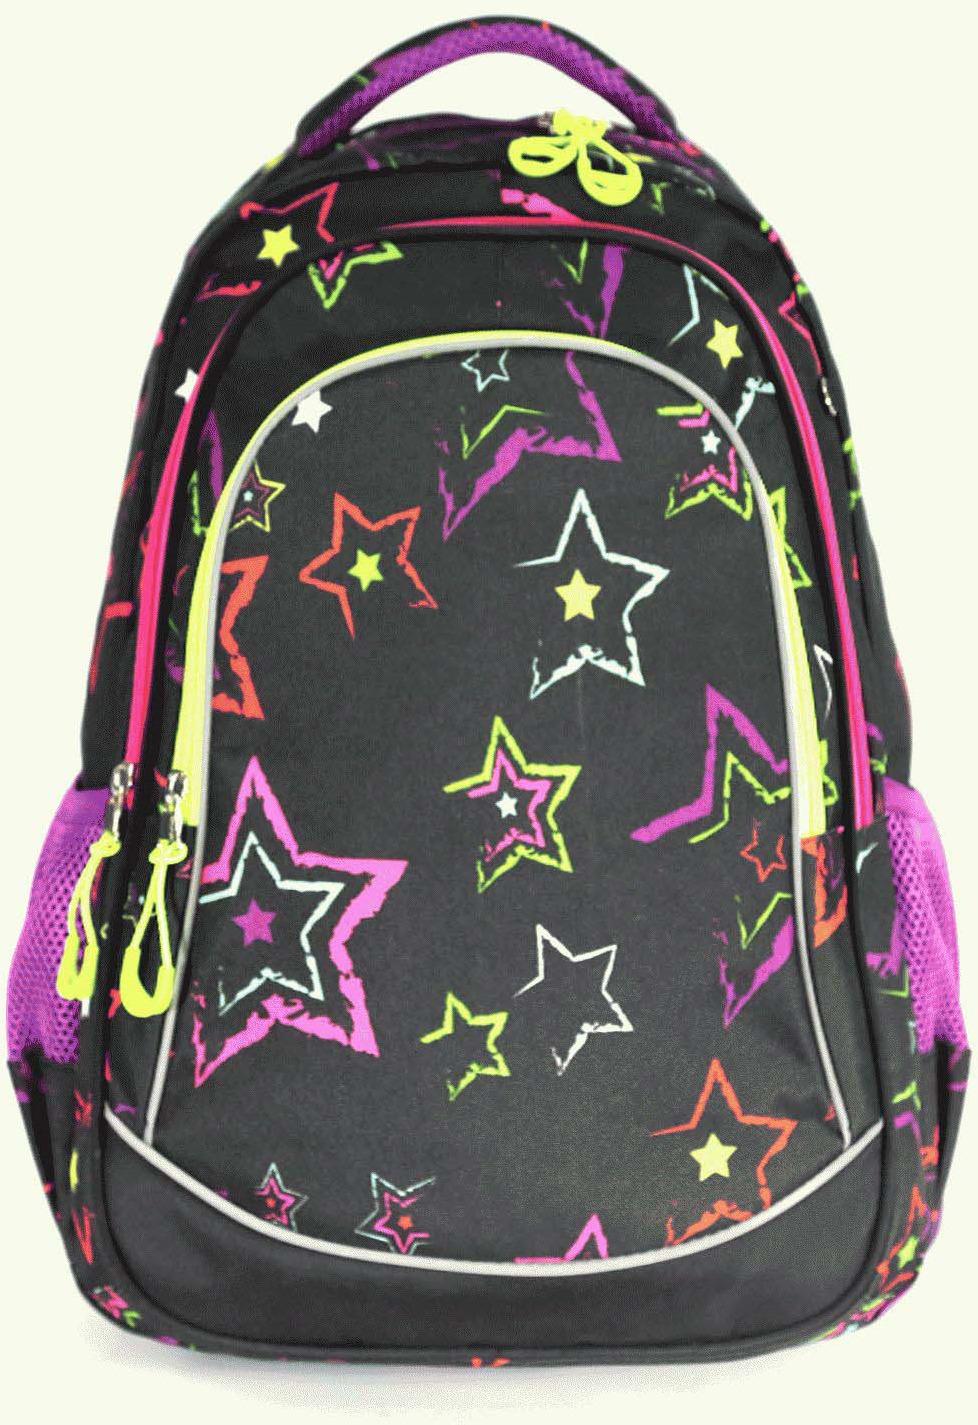 все цены на Рюкзак детский UFO People, цвет: черный. 7622 онлайн